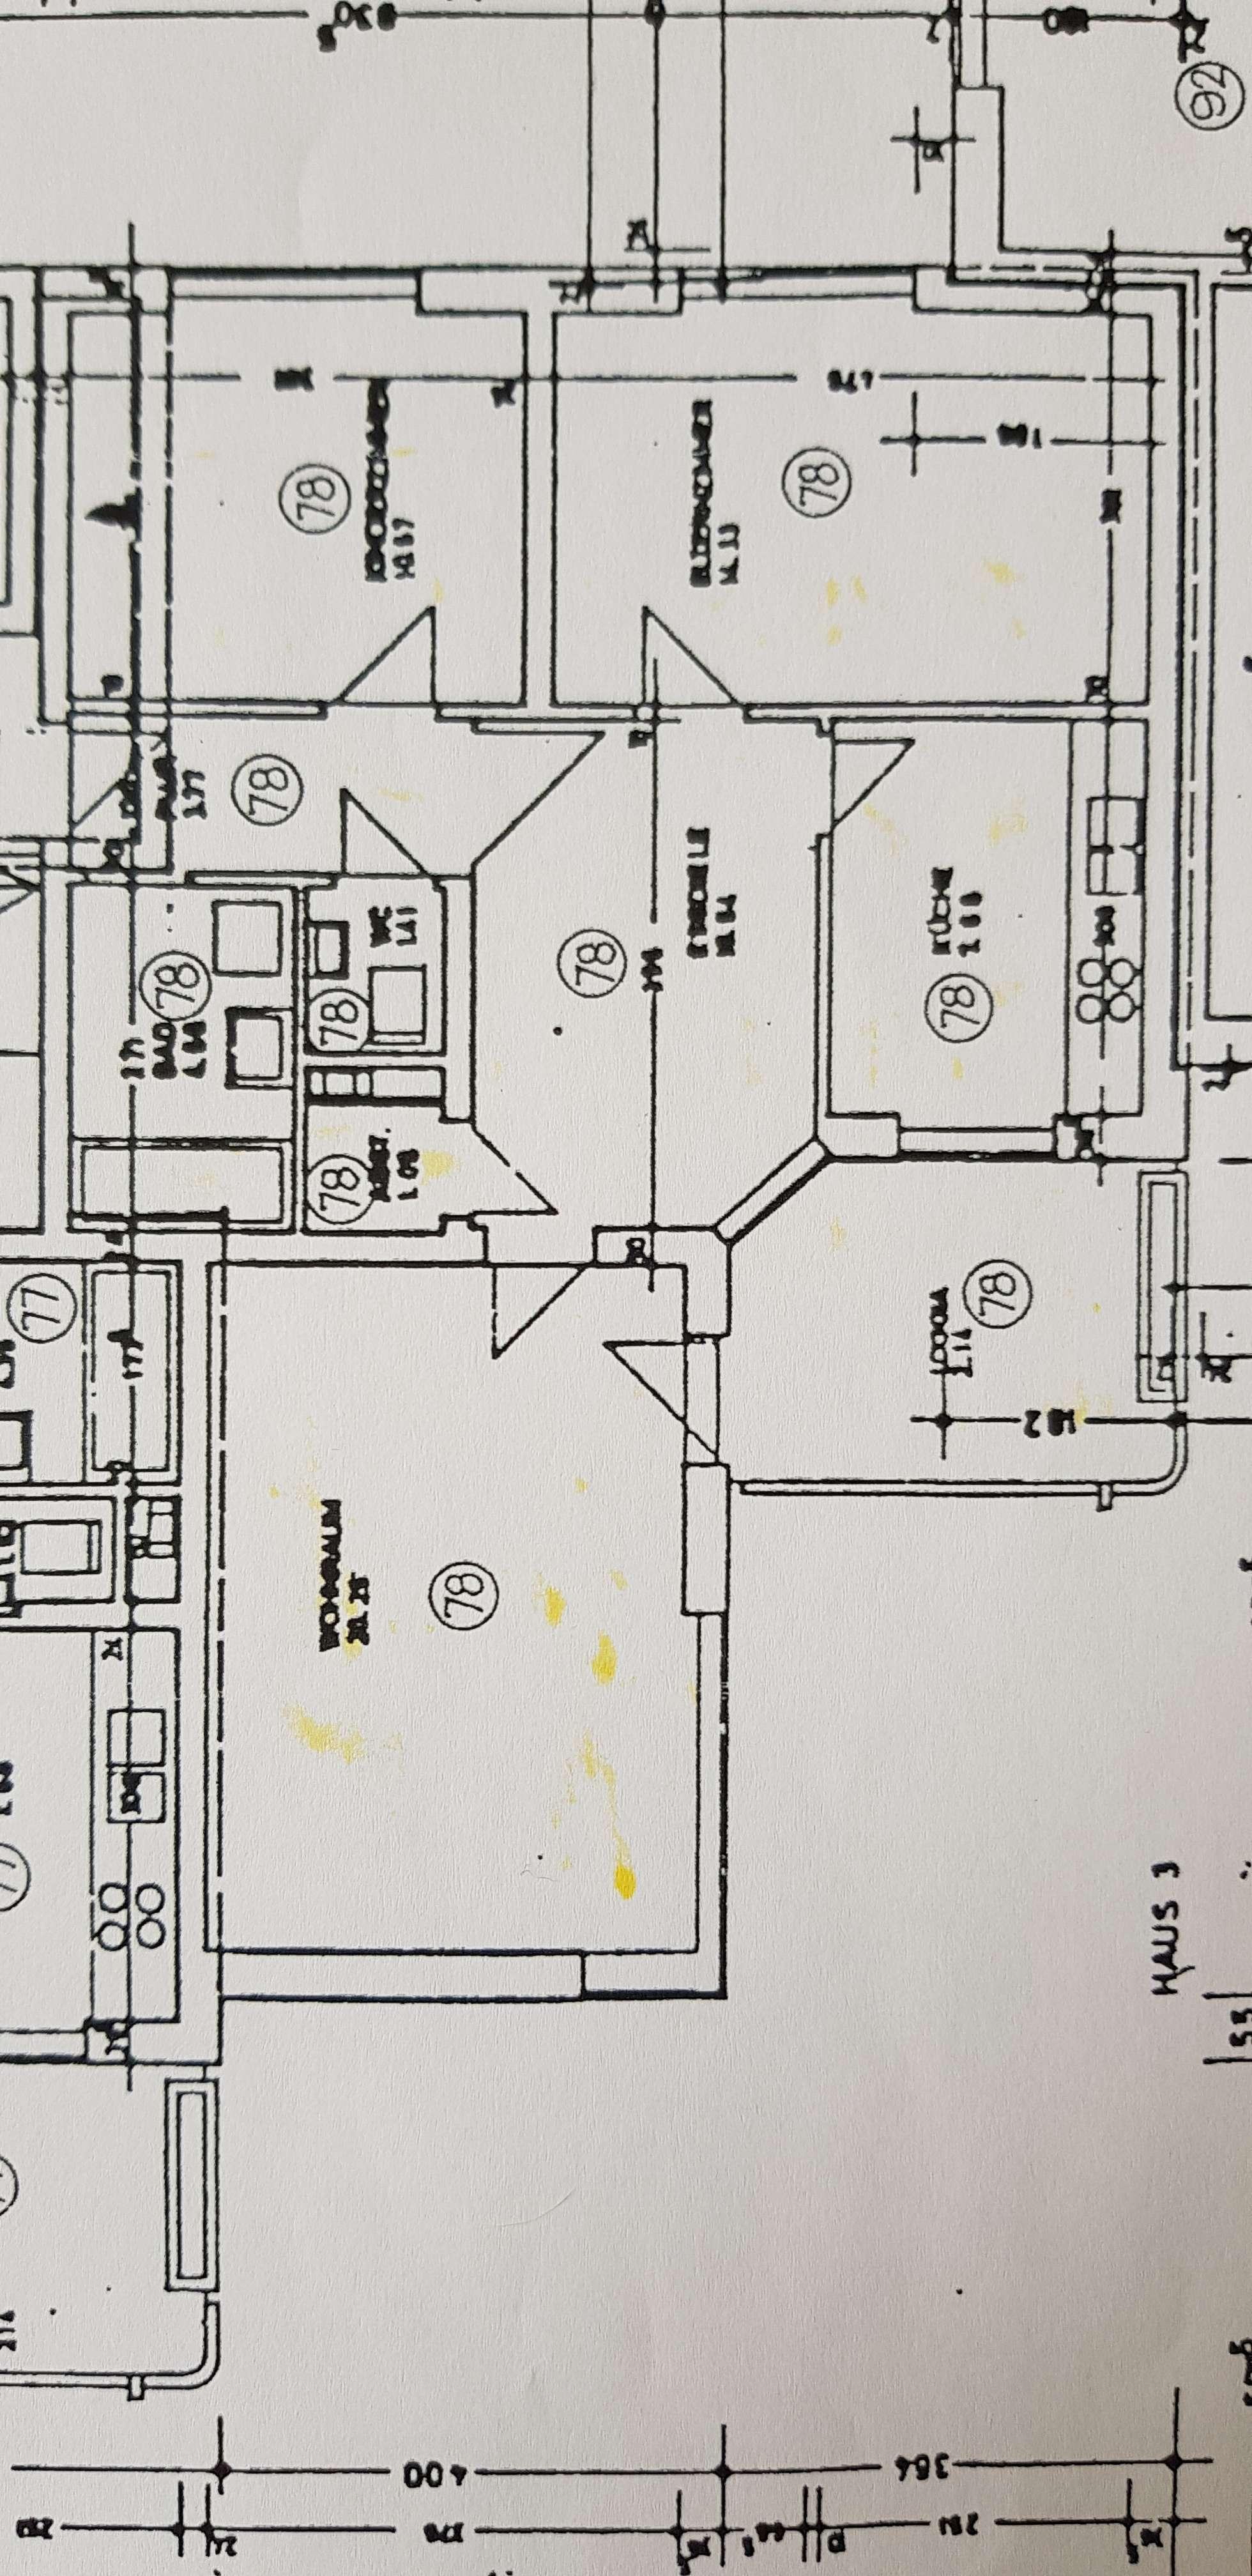 Ansprechende 3 / 4 -Zimmer-Wohnung mit EBK und Balkon in Hessenstraße, Würzburg in Lindleinsmühle (Würzburg)